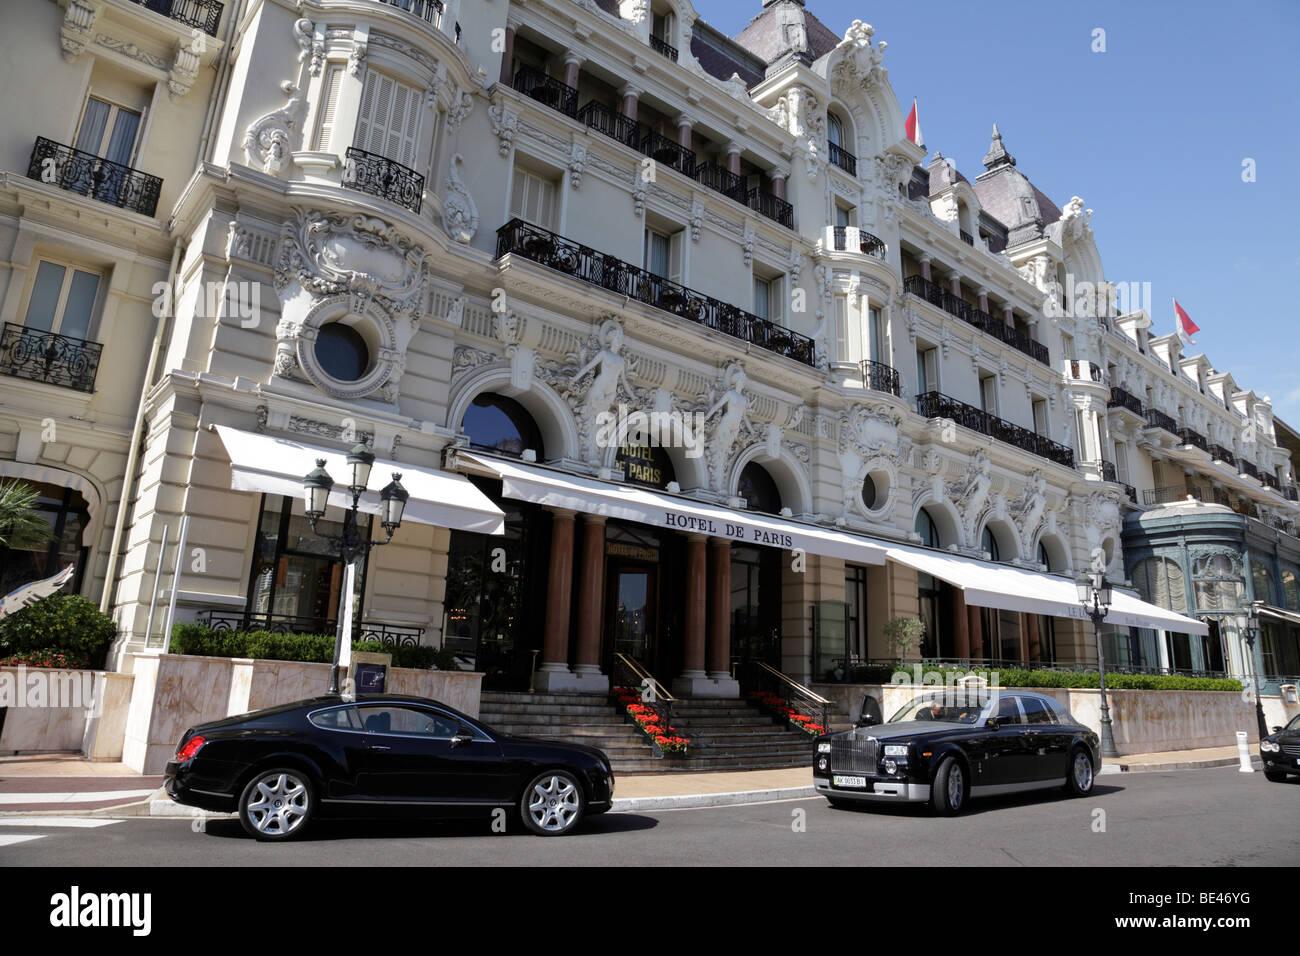 Entrance To The Famous Hotel De Paris Monte Carlo Monaco South Of France